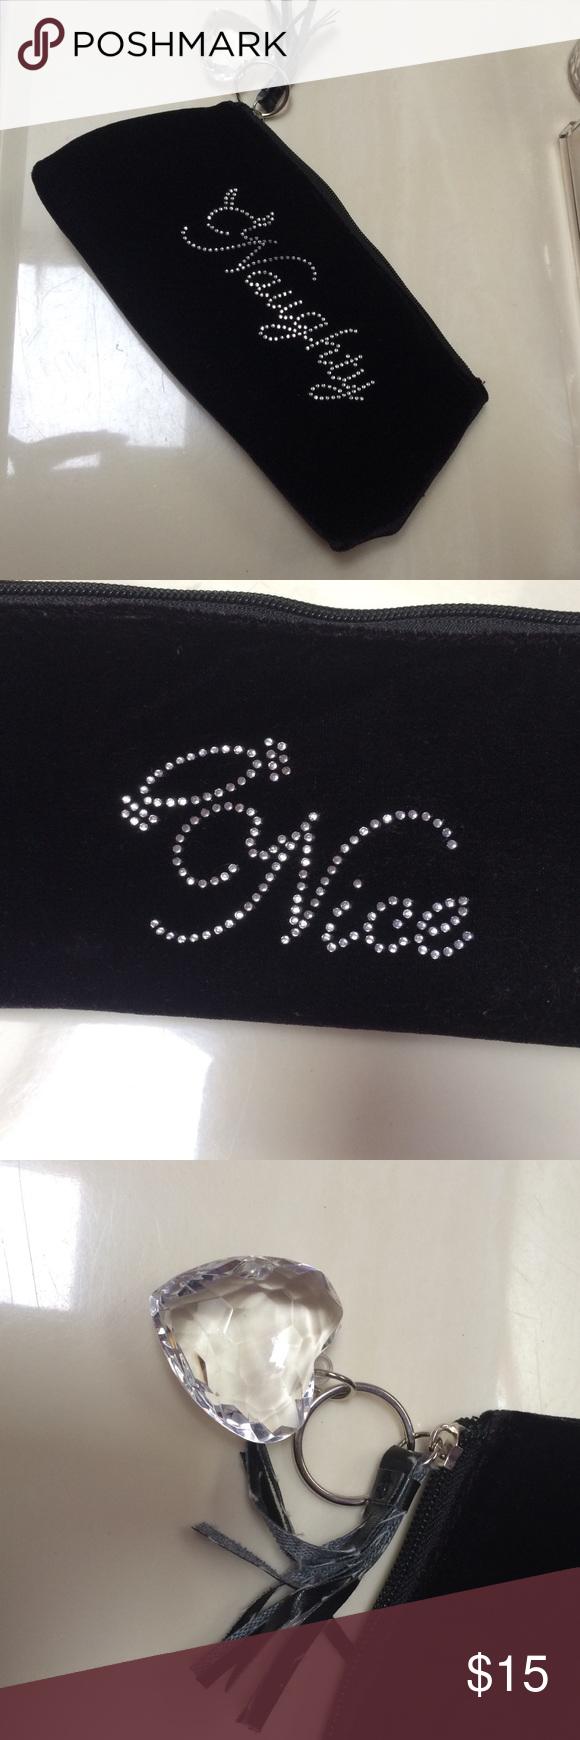 Naughty/Nice Cosmetic Bag Naughty/Nice Cosmetic Bag. Black